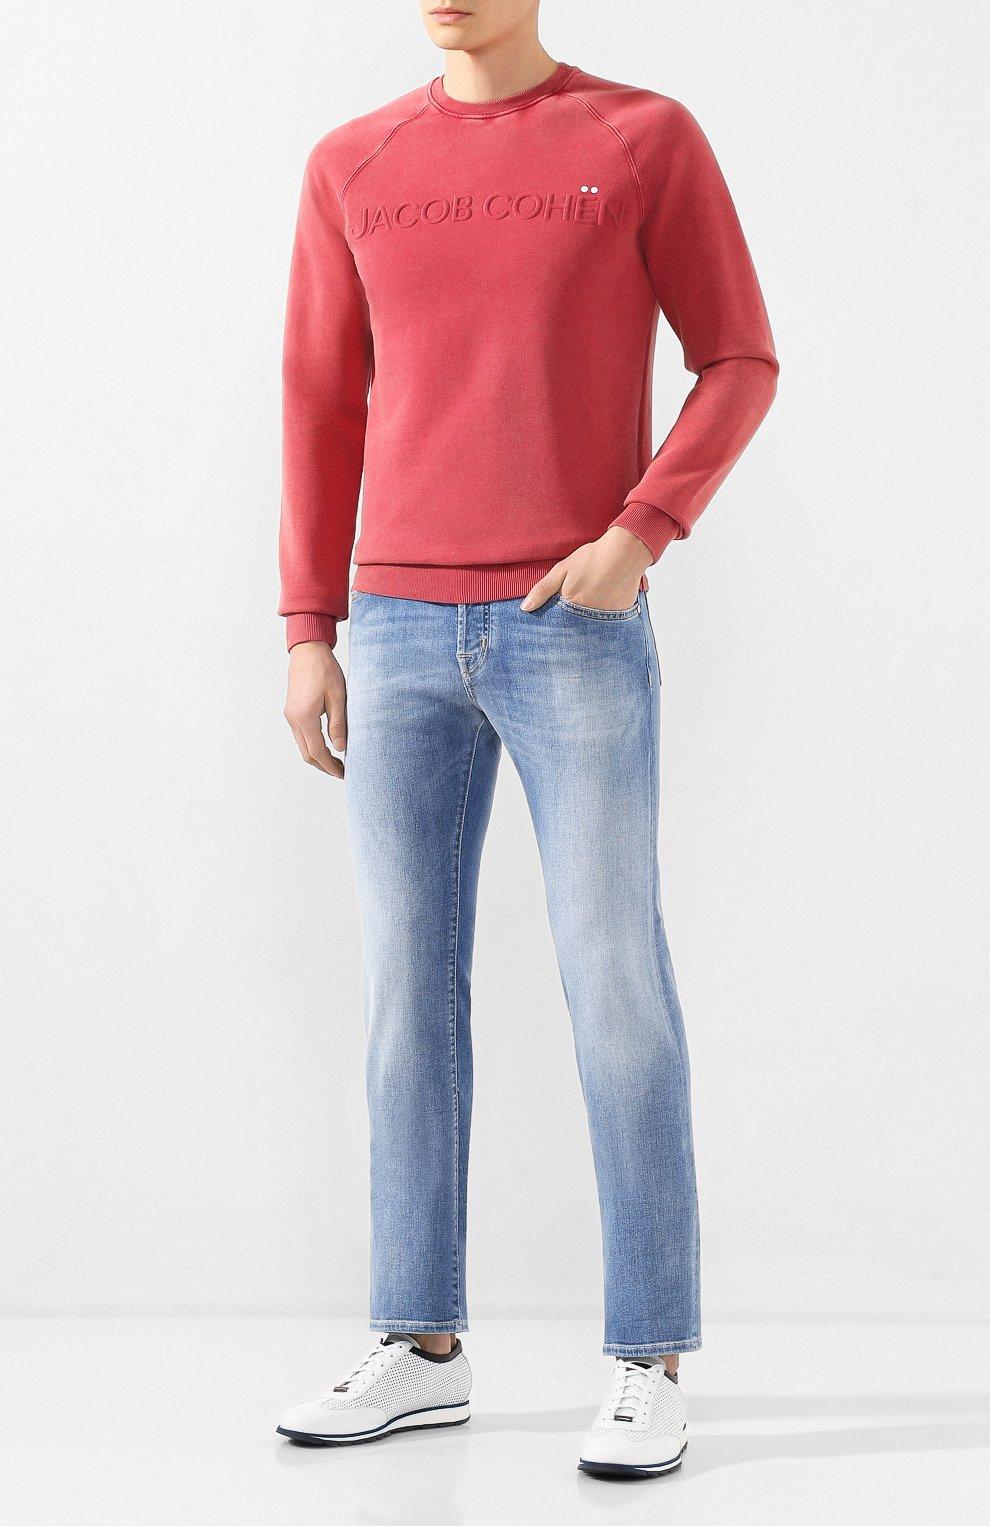 Мужские джинсы JACOB COHEN голубого цвета, арт. J620 LIMITED C0MF 08792-W3/53 | Фото 2